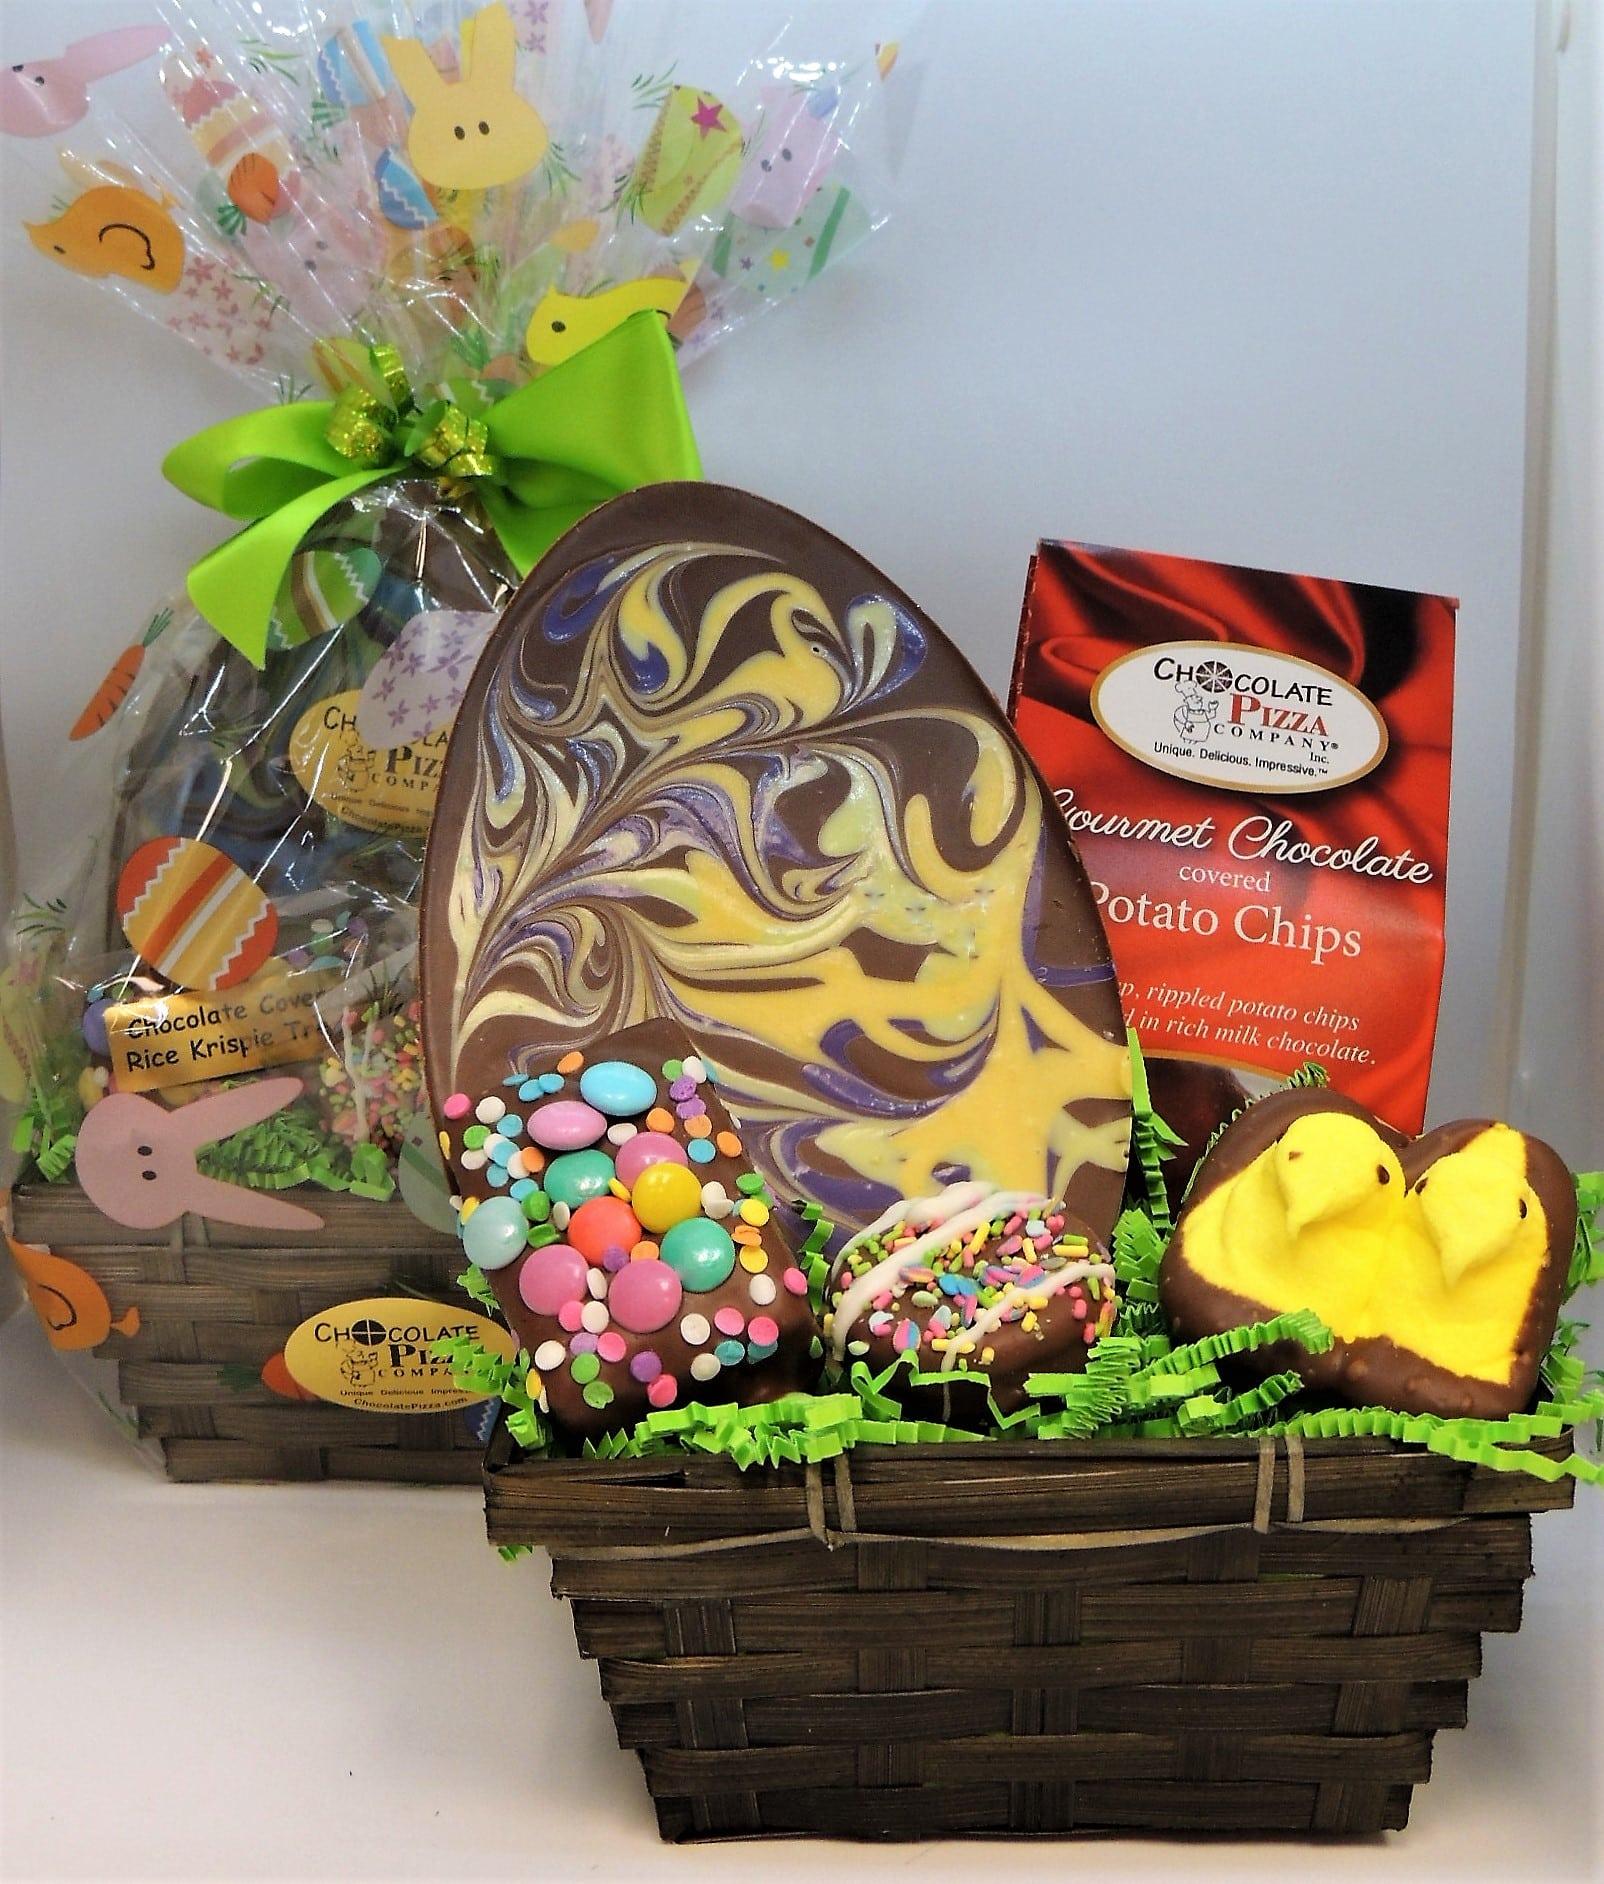 easter baskets with pastel easter egg handcrafted. Black Bedroom Furniture Sets. Home Design Ideas